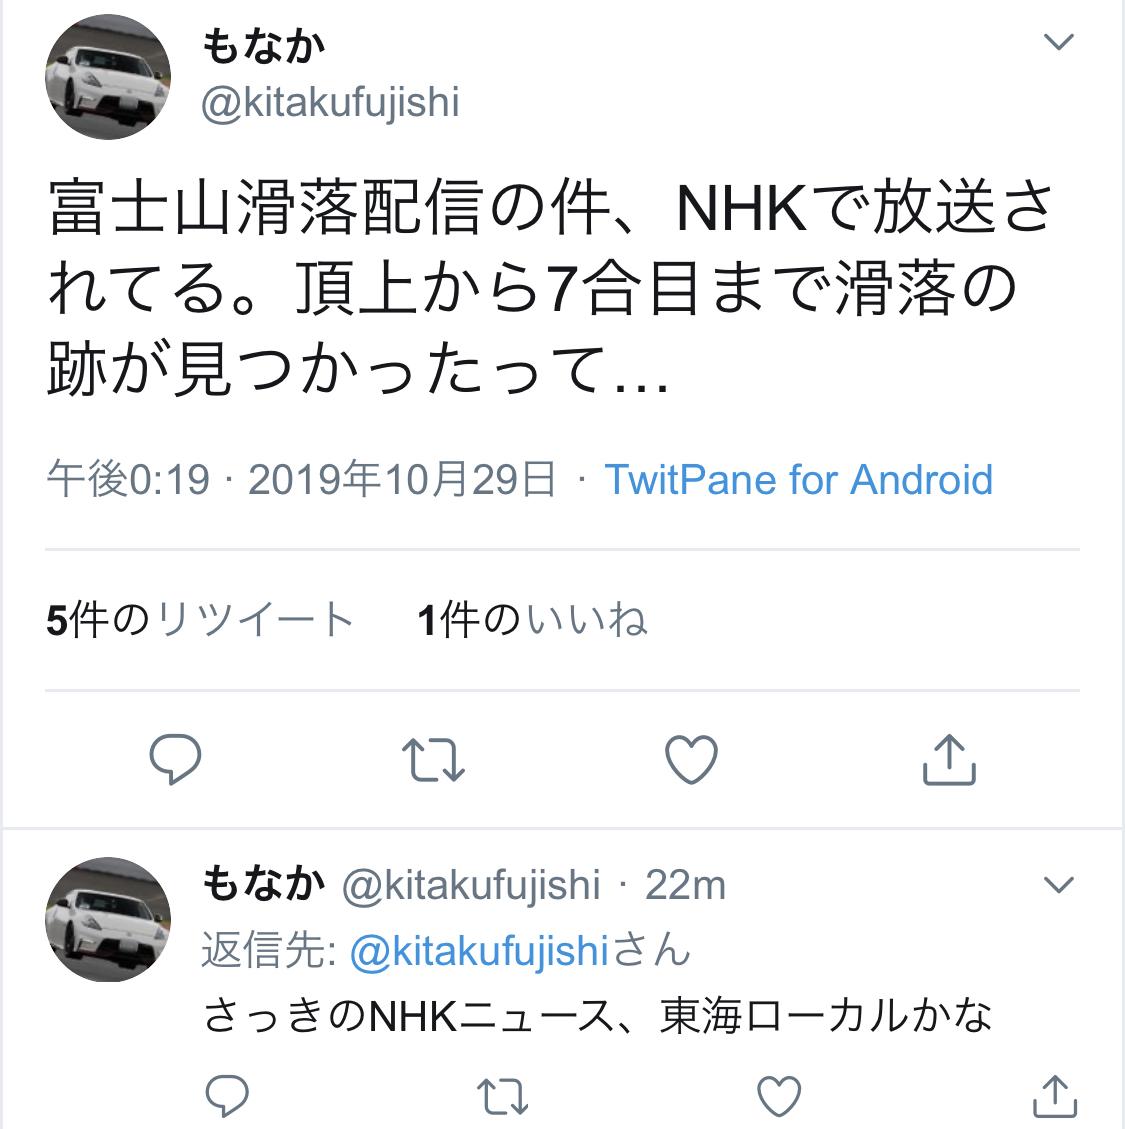 【速報】ニコ生主、頂上付近から七号目までは下山できていたことが確認される